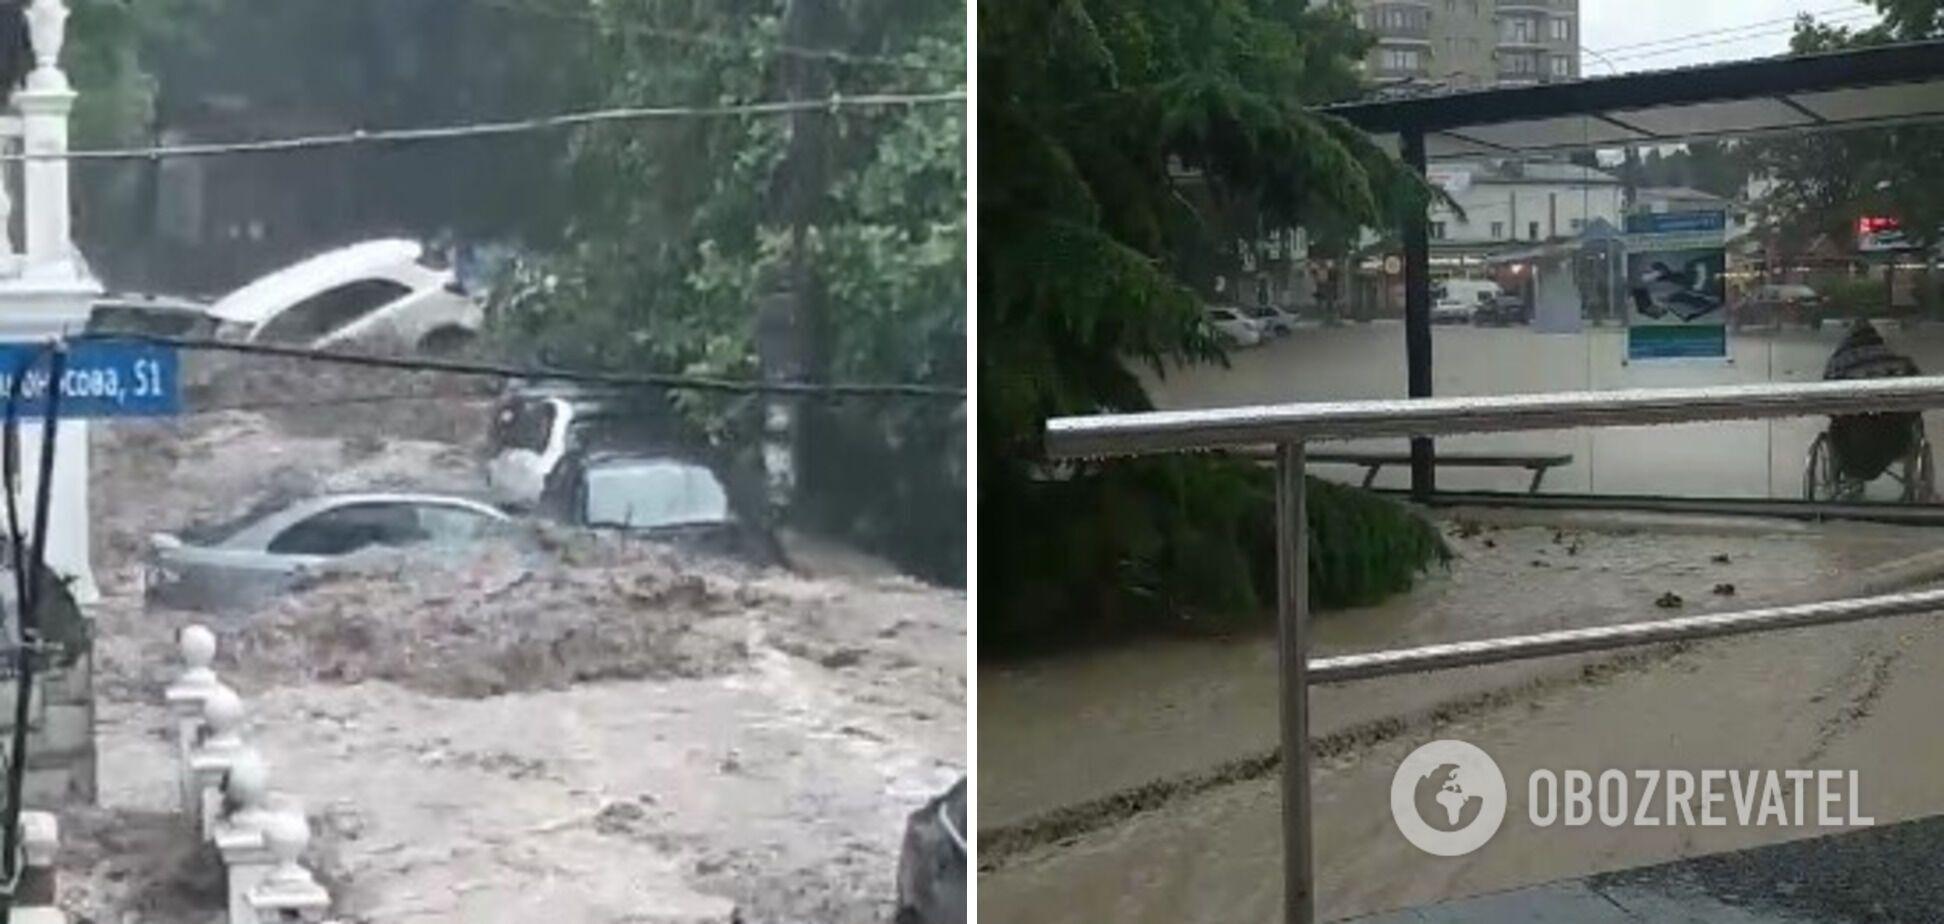 Вода знесла автомобілі й затопила переходи